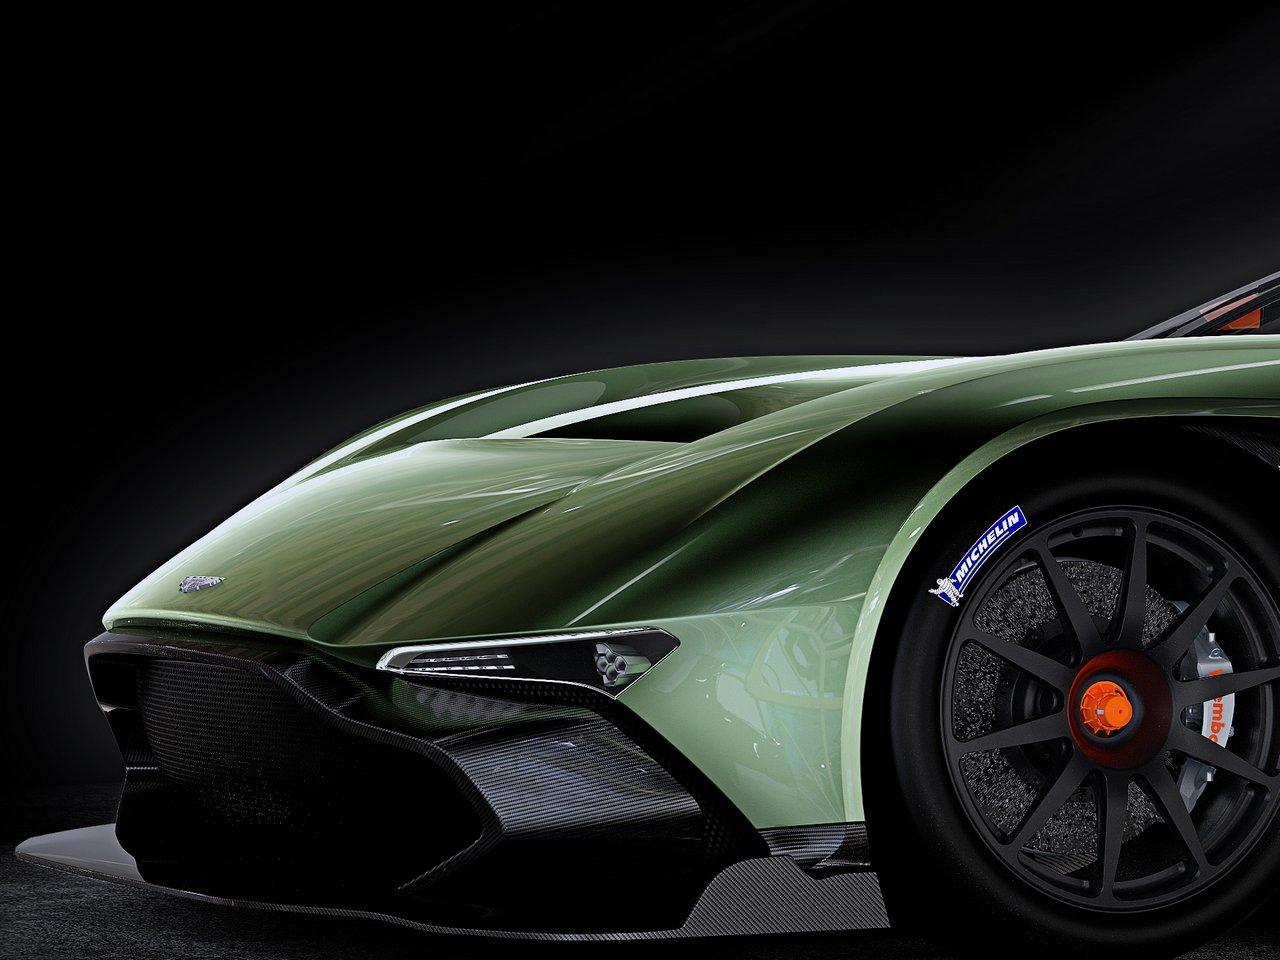 ginevra-2015-aston-martin-vulcan-prezzo-price-0-100_11